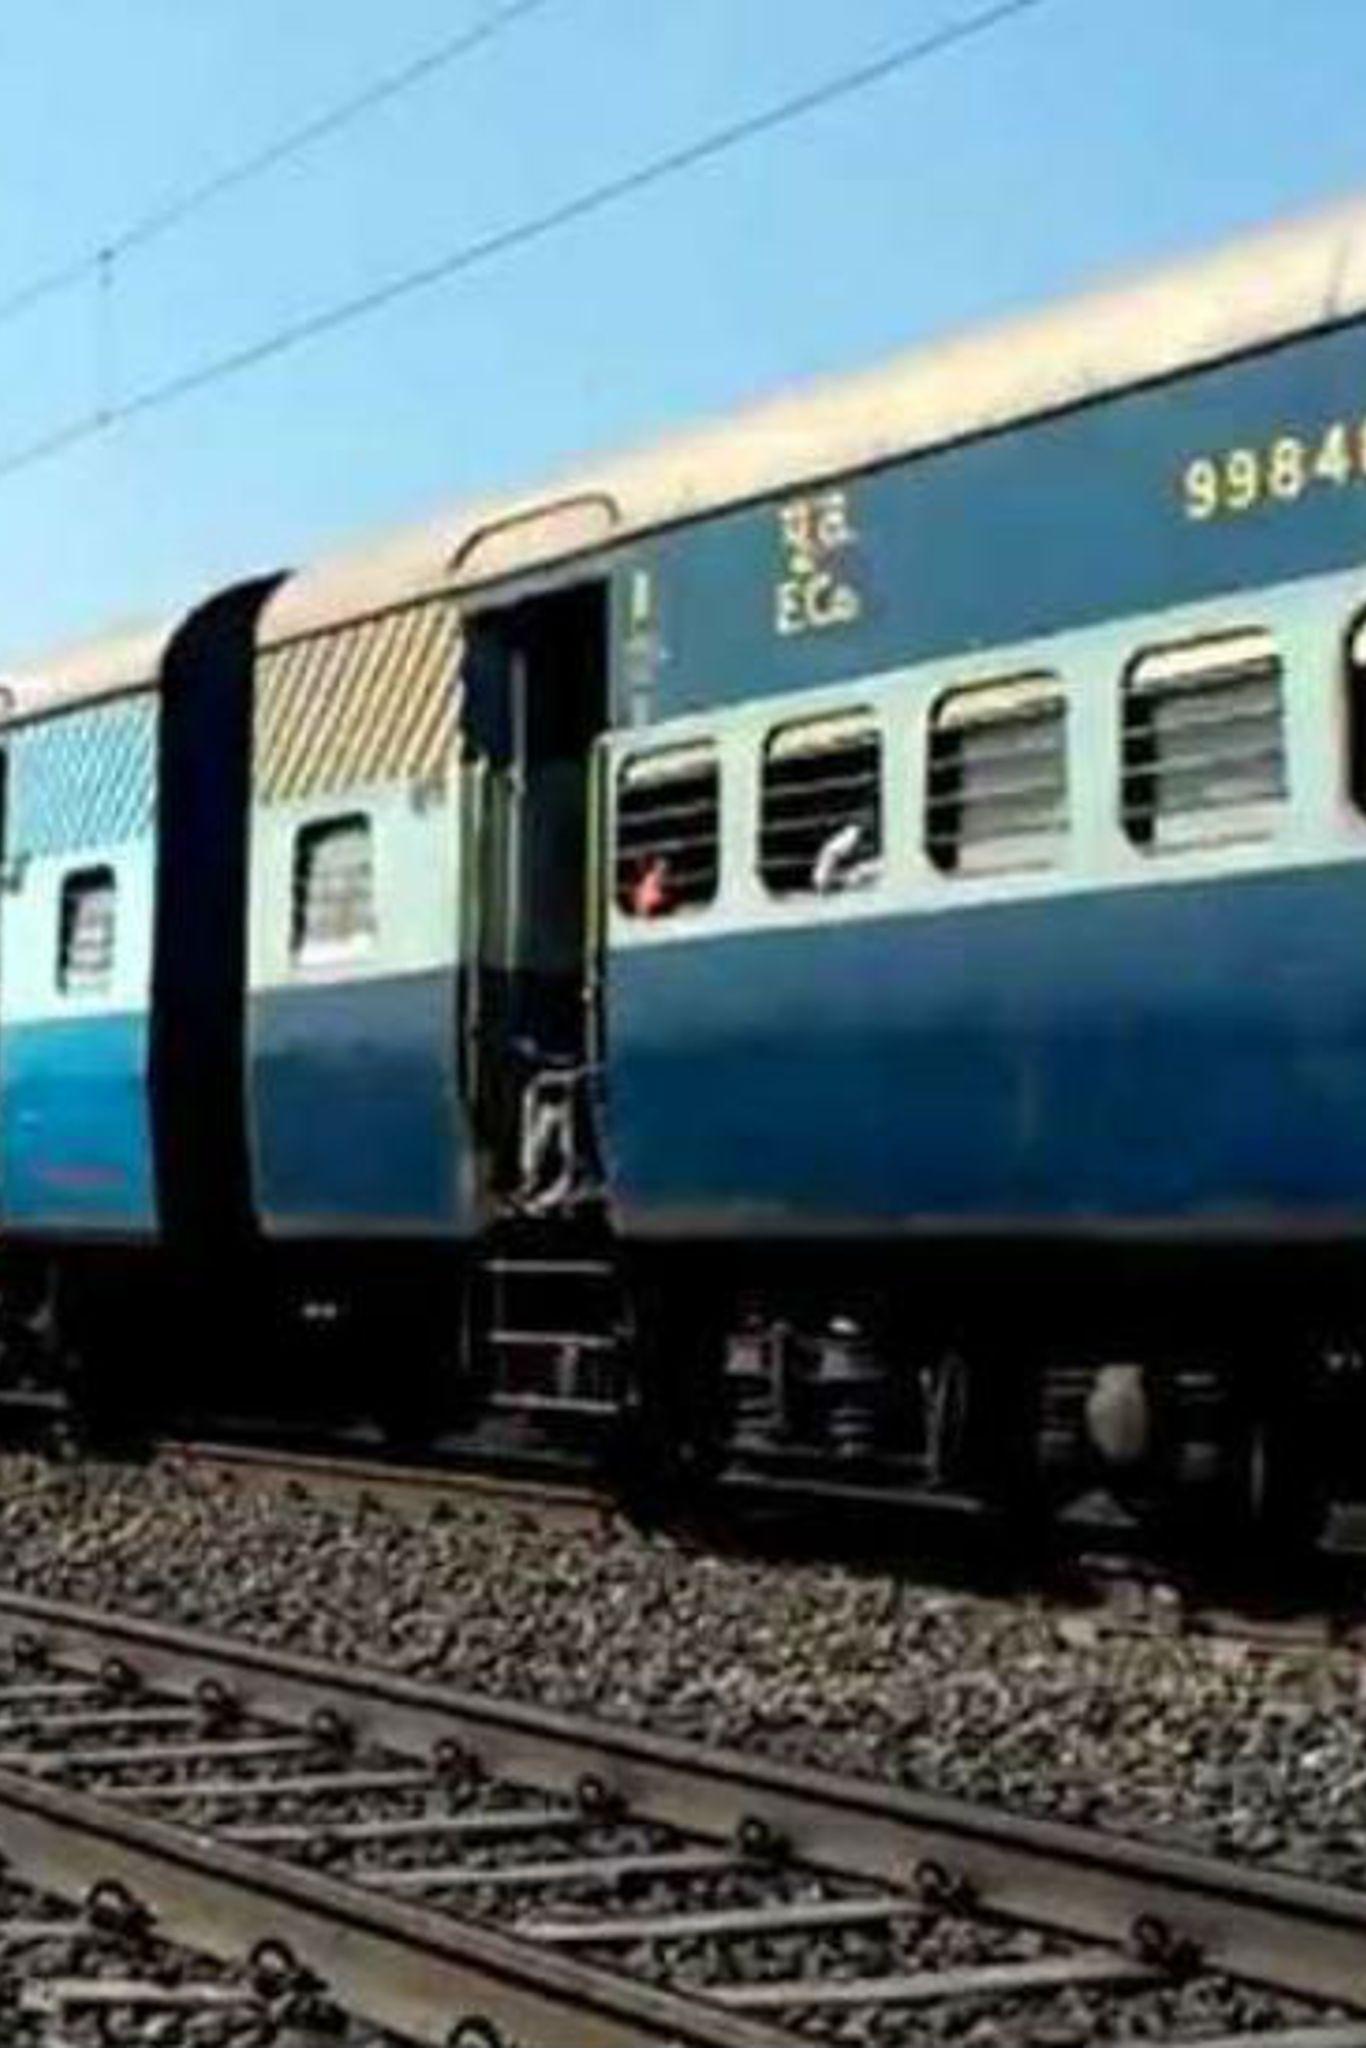 उज्जैन: ट्रेन में फांसी के फंदे से लटका मिला बुजुर्ग का शव, जांच में जुटी पुलिस